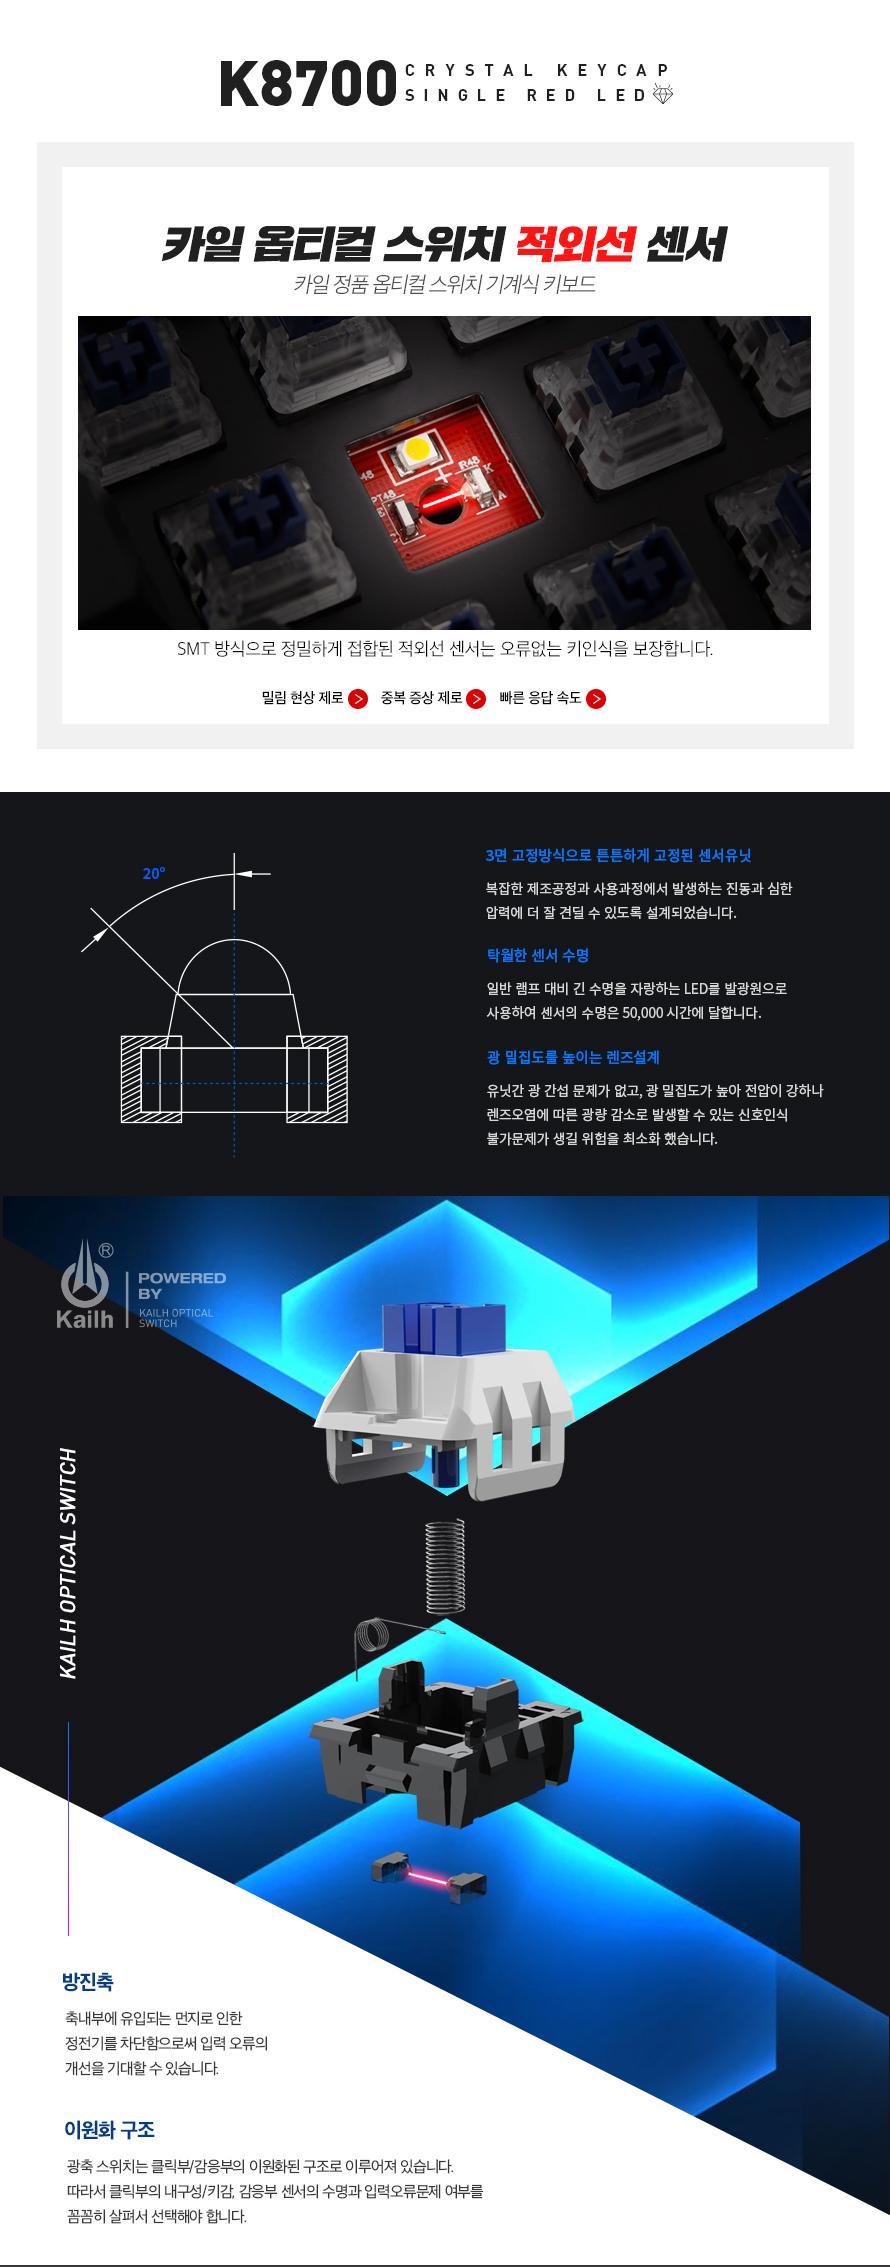 ABKO HACKER K8700 RED LED 에디션 카일 광축 축교환 완전방수 게이밍 (블랙, 클릭)